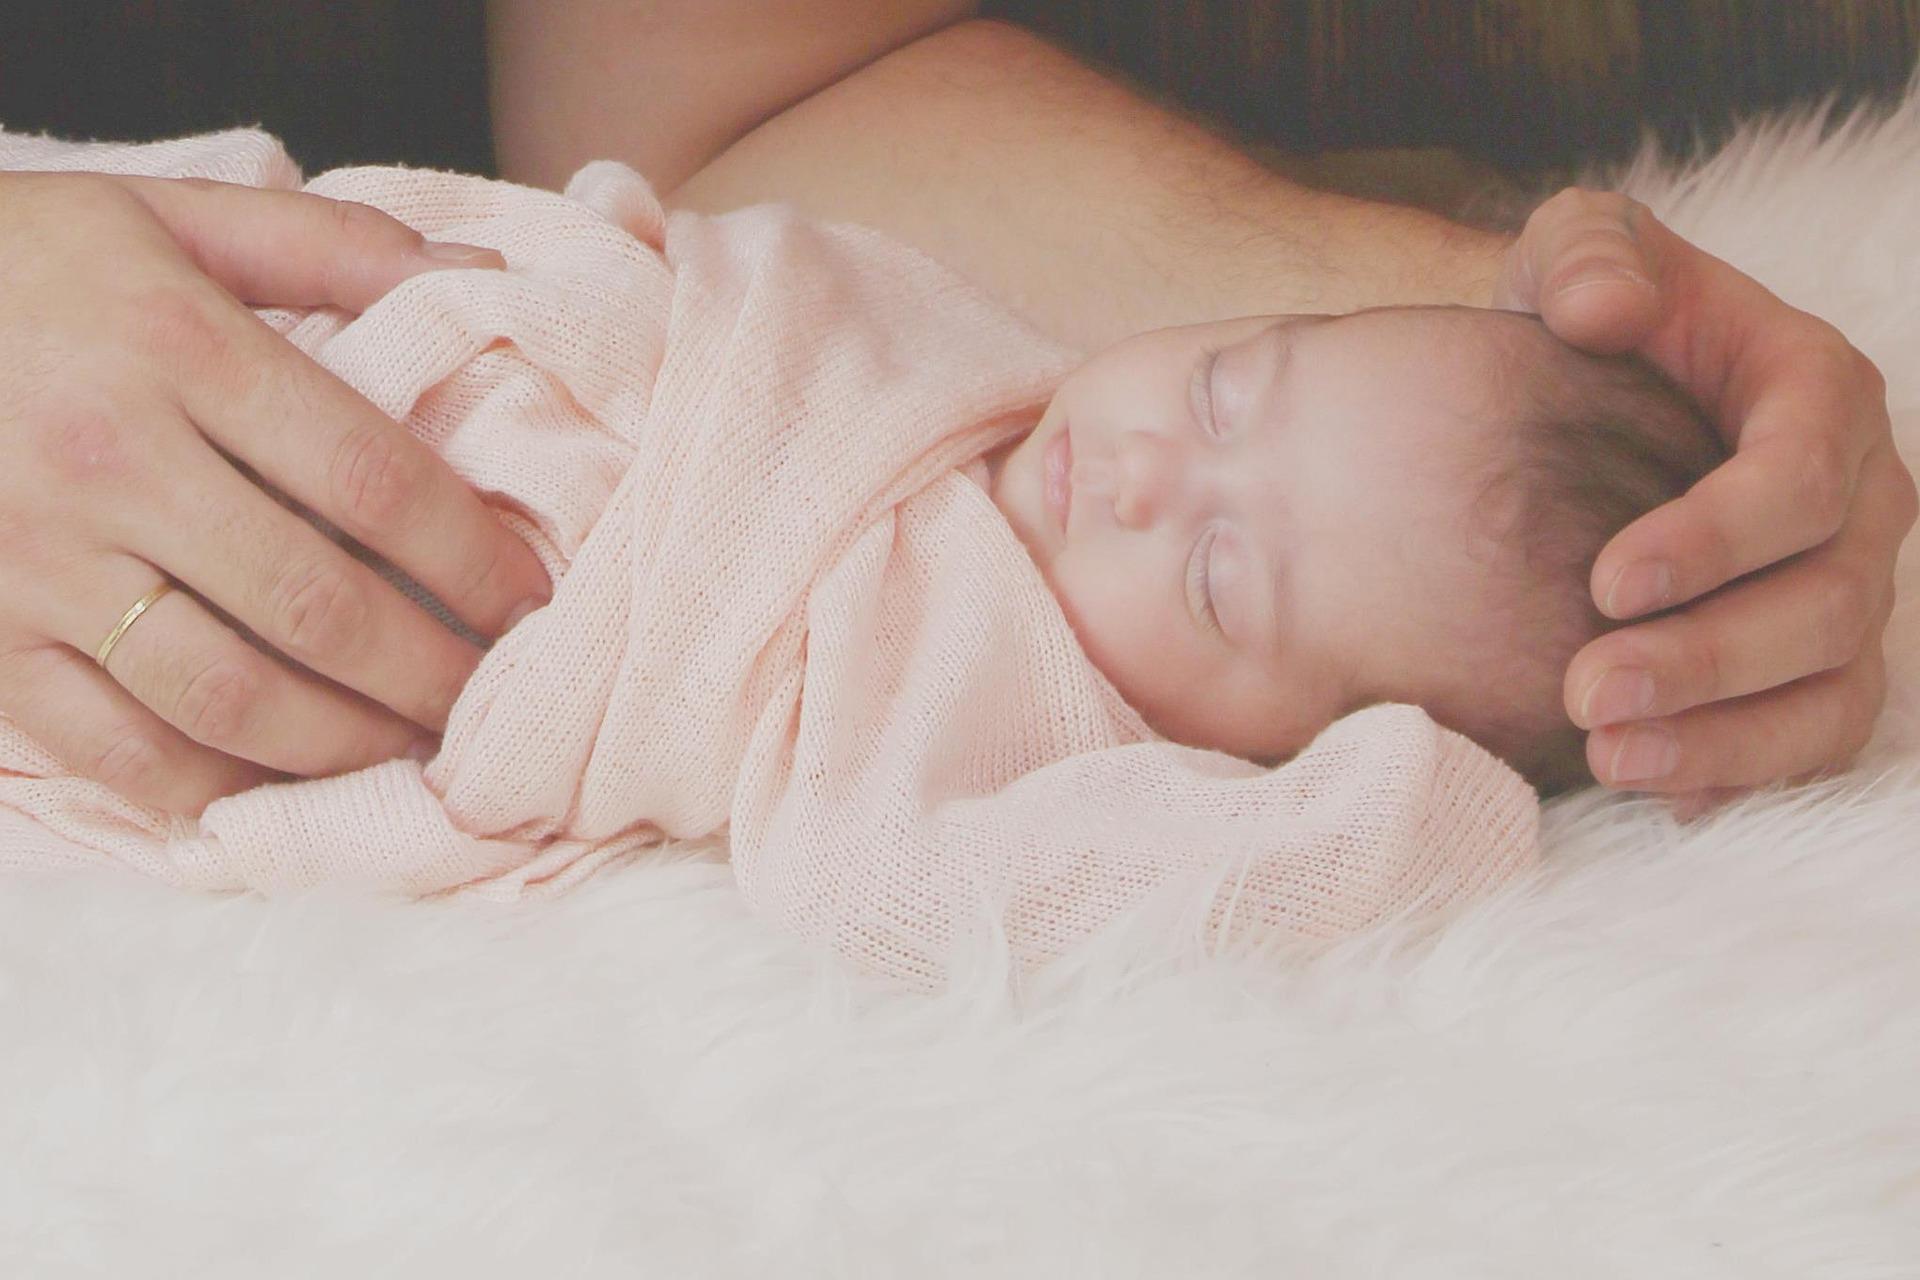 newborn sleep information